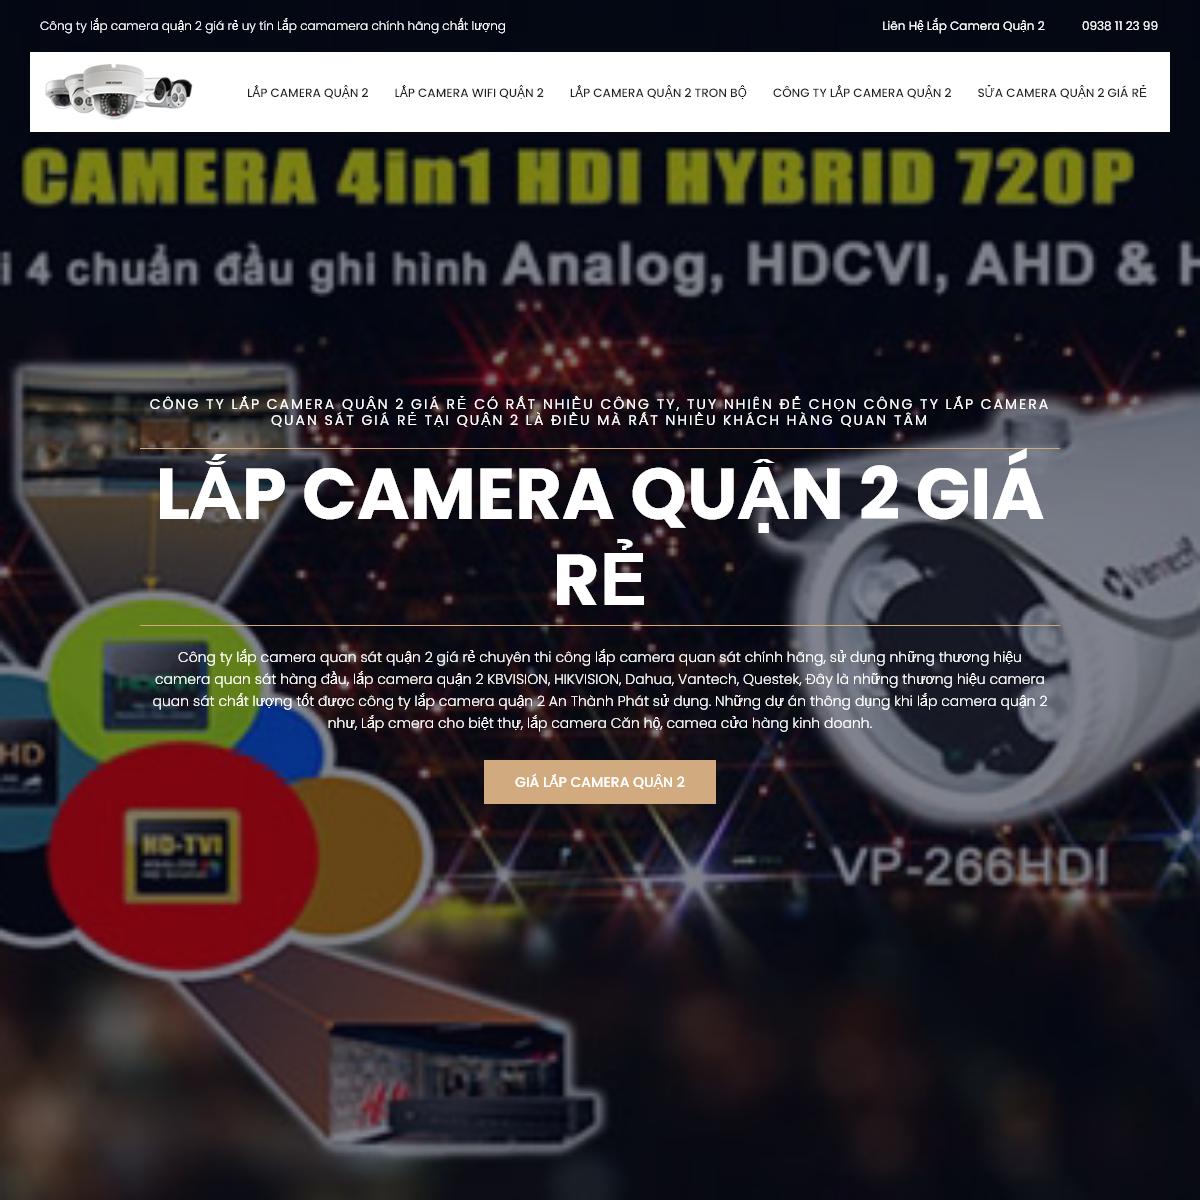 LẮP CAMERA QUẬN 2 GIÁ RẺ Camera Quan Sát quận 2 chính hãng giám sát qua điện thoại từ xa